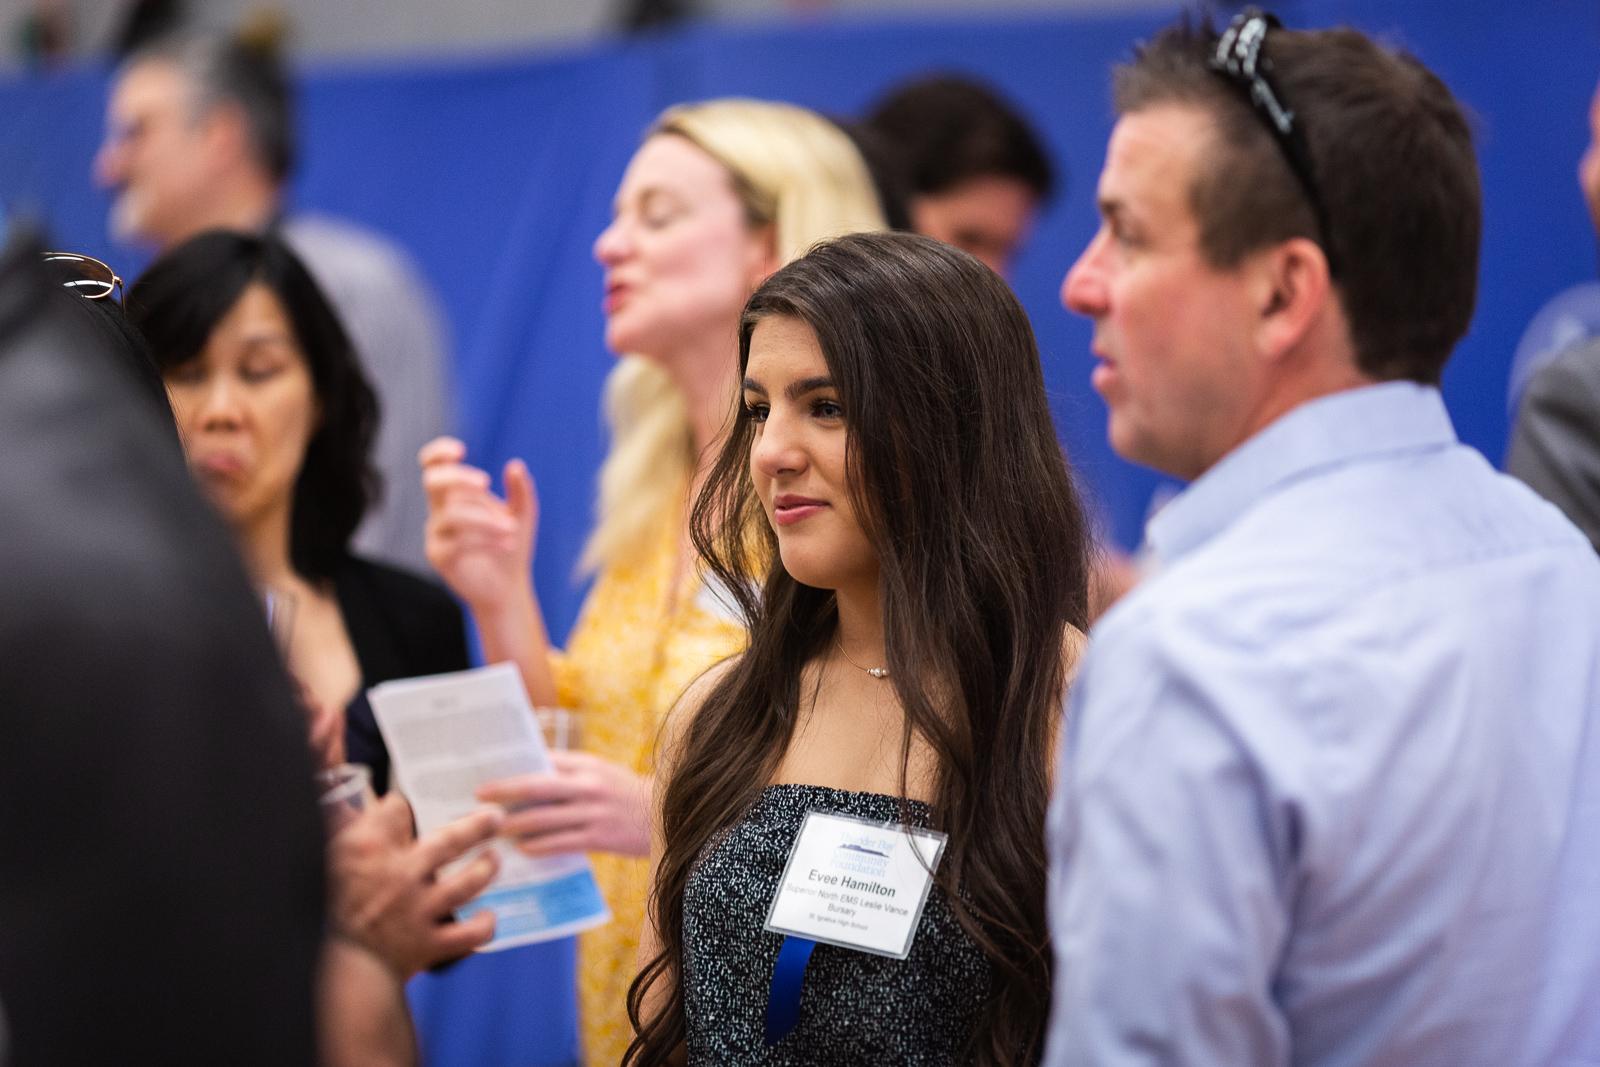 scholarship-bursary-award-reception-20.jpg